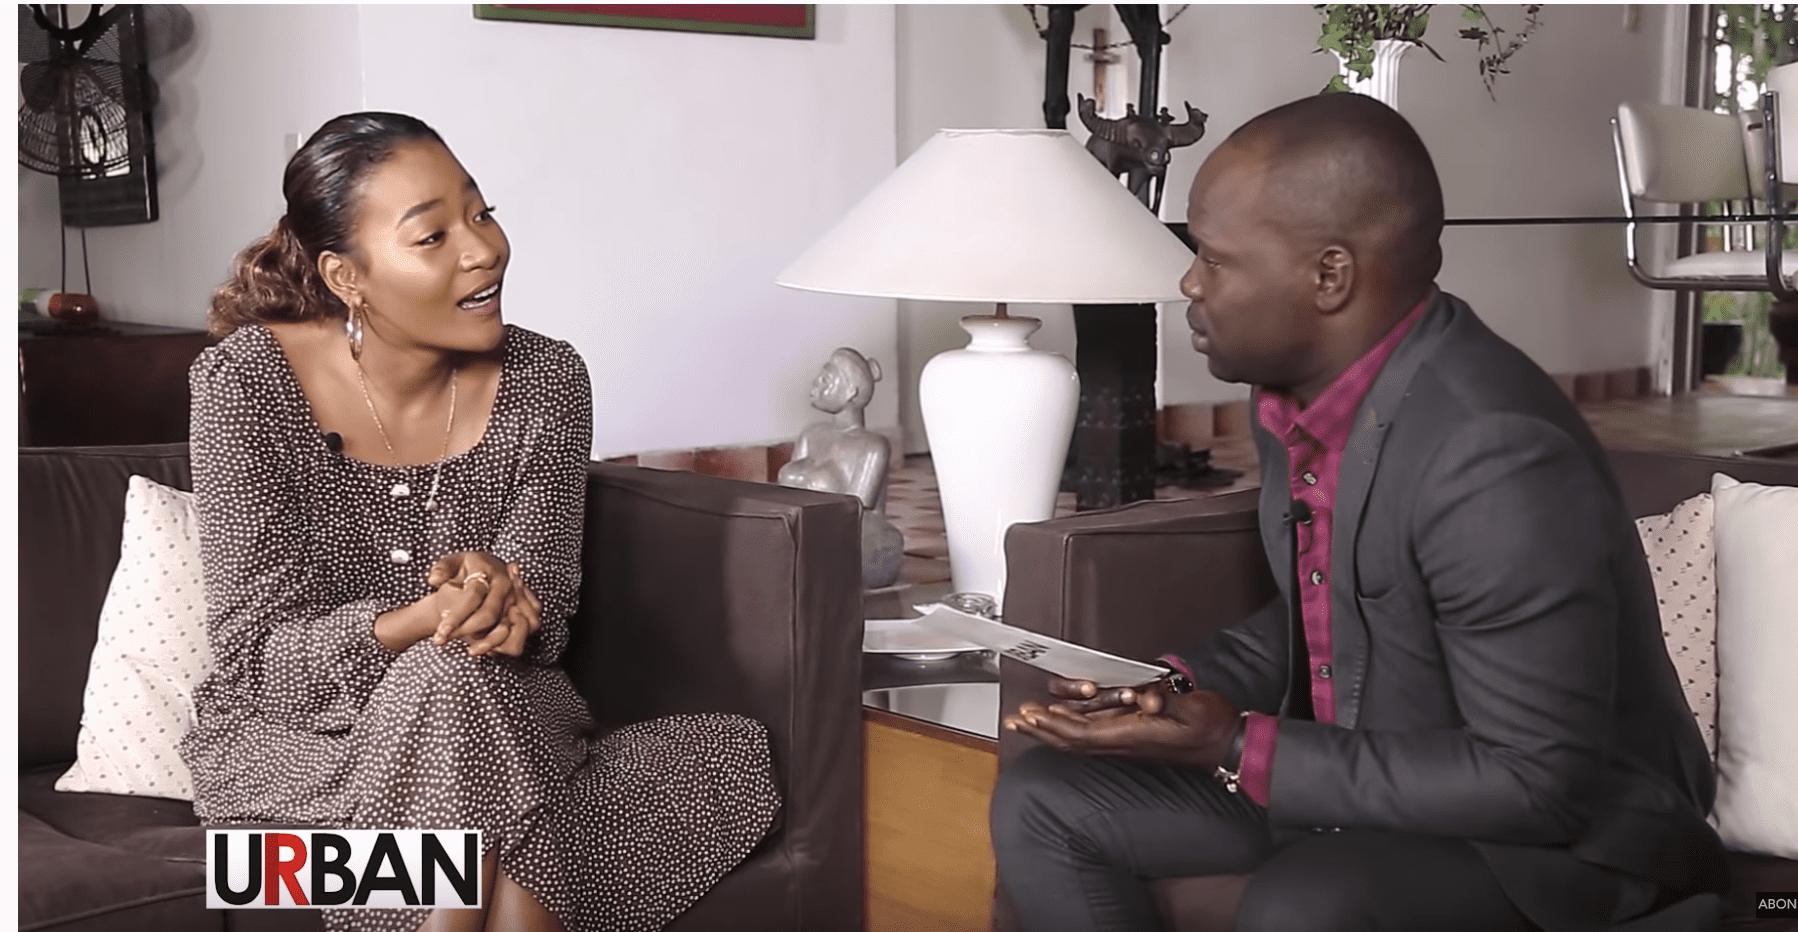 Quand un journaliste drague Soukeïna Koné, la fille d'Alpha Blondy en direct  VIDEO